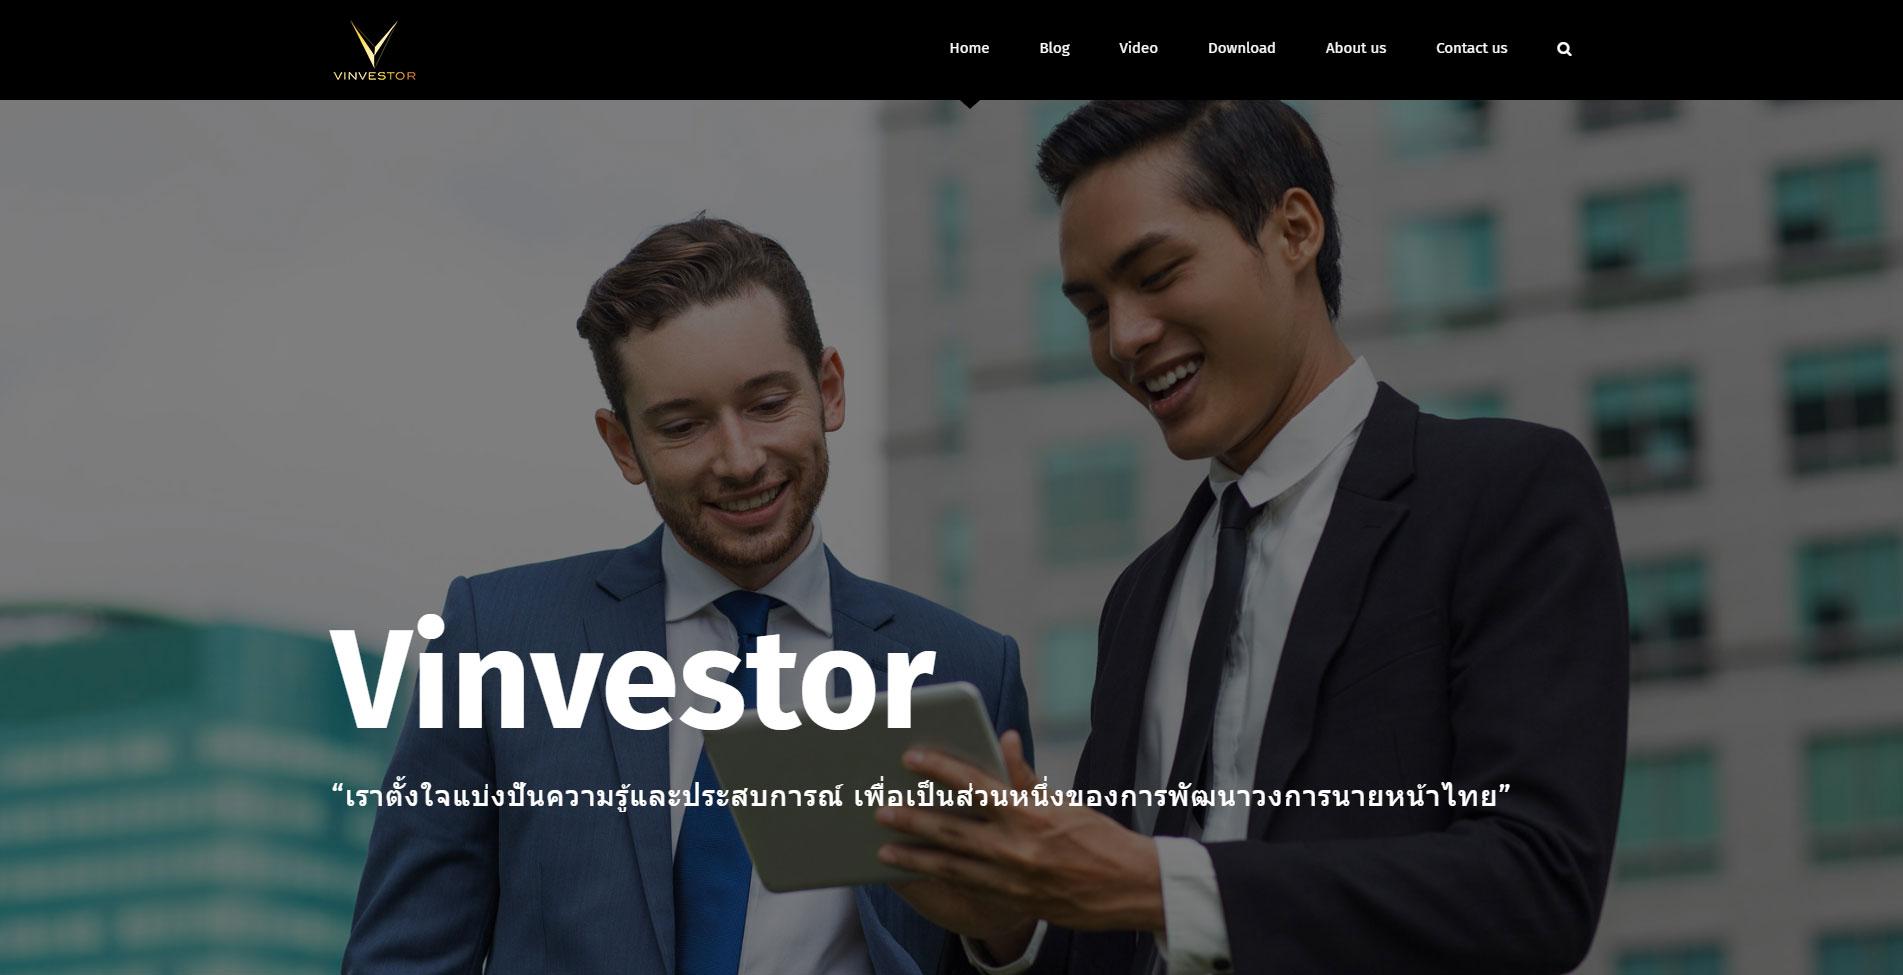 เว็บไซต์ Vinvestor (บริการที่ใช้ : รับสร้างเว็บไซต์) ขนาดหน้าจอ Notebook